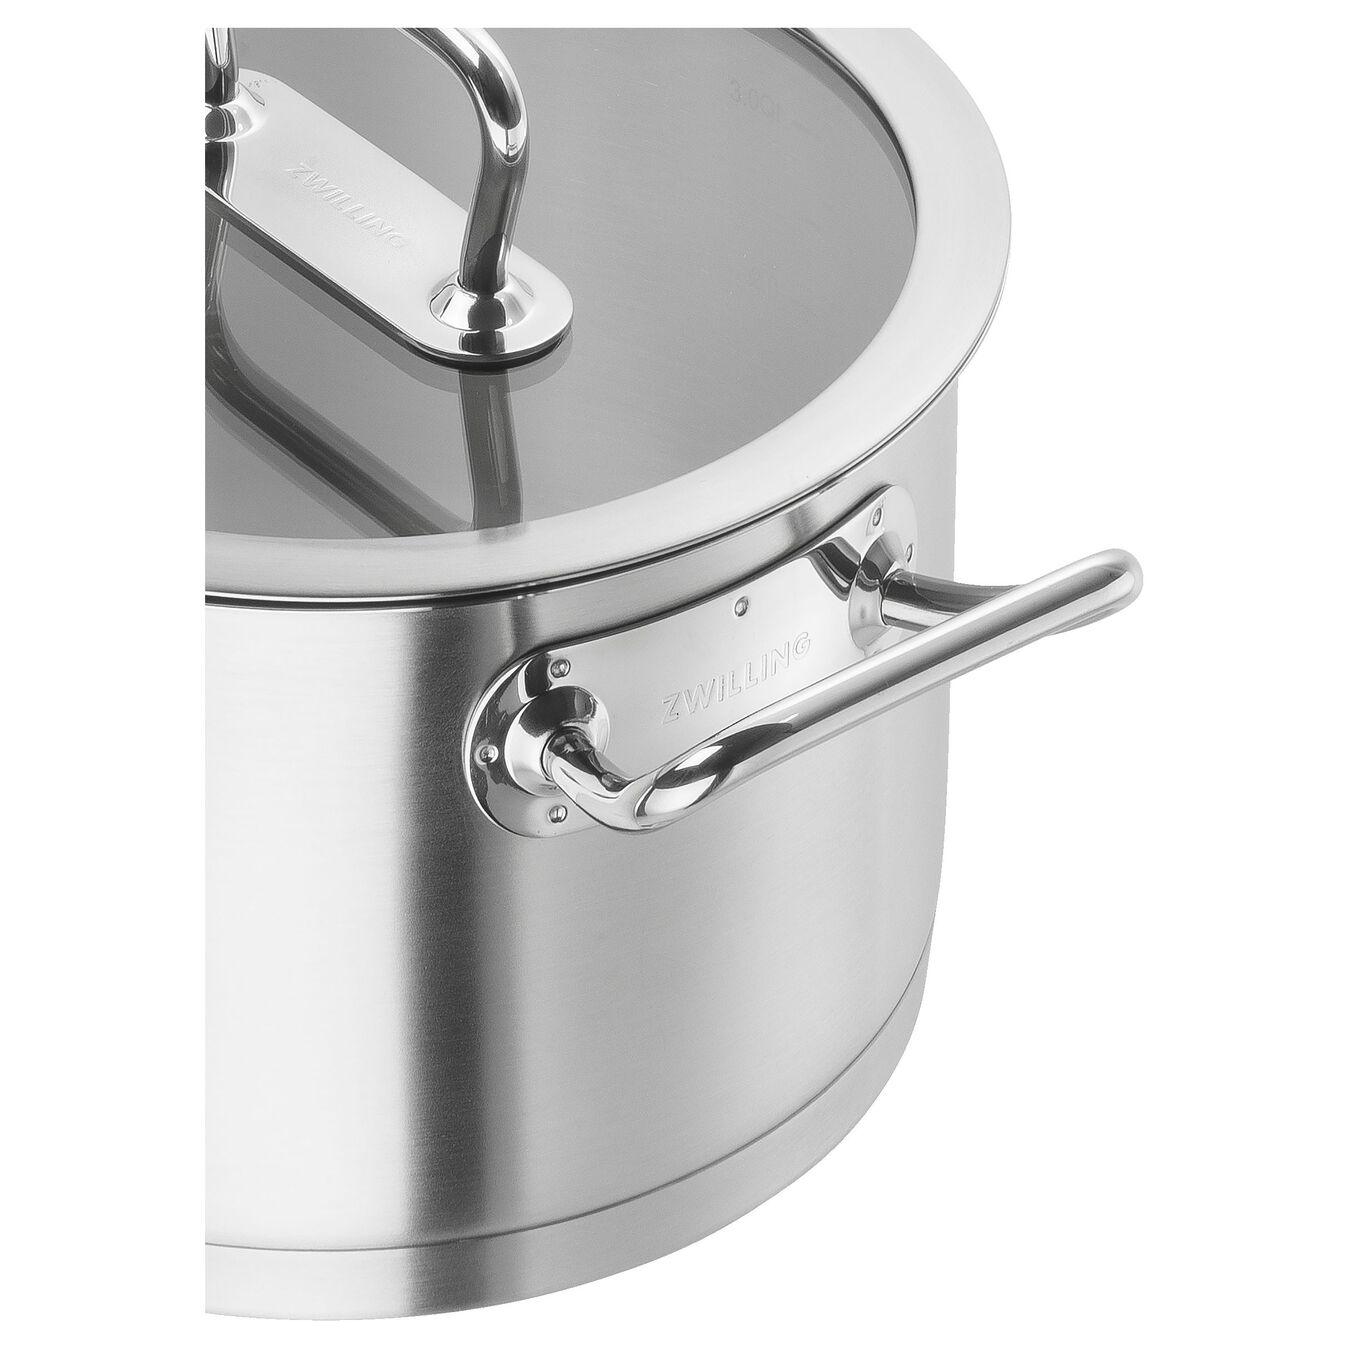 Suppegryde Højsidet 24 cm, 18/10 rustfrit stål,,large 2